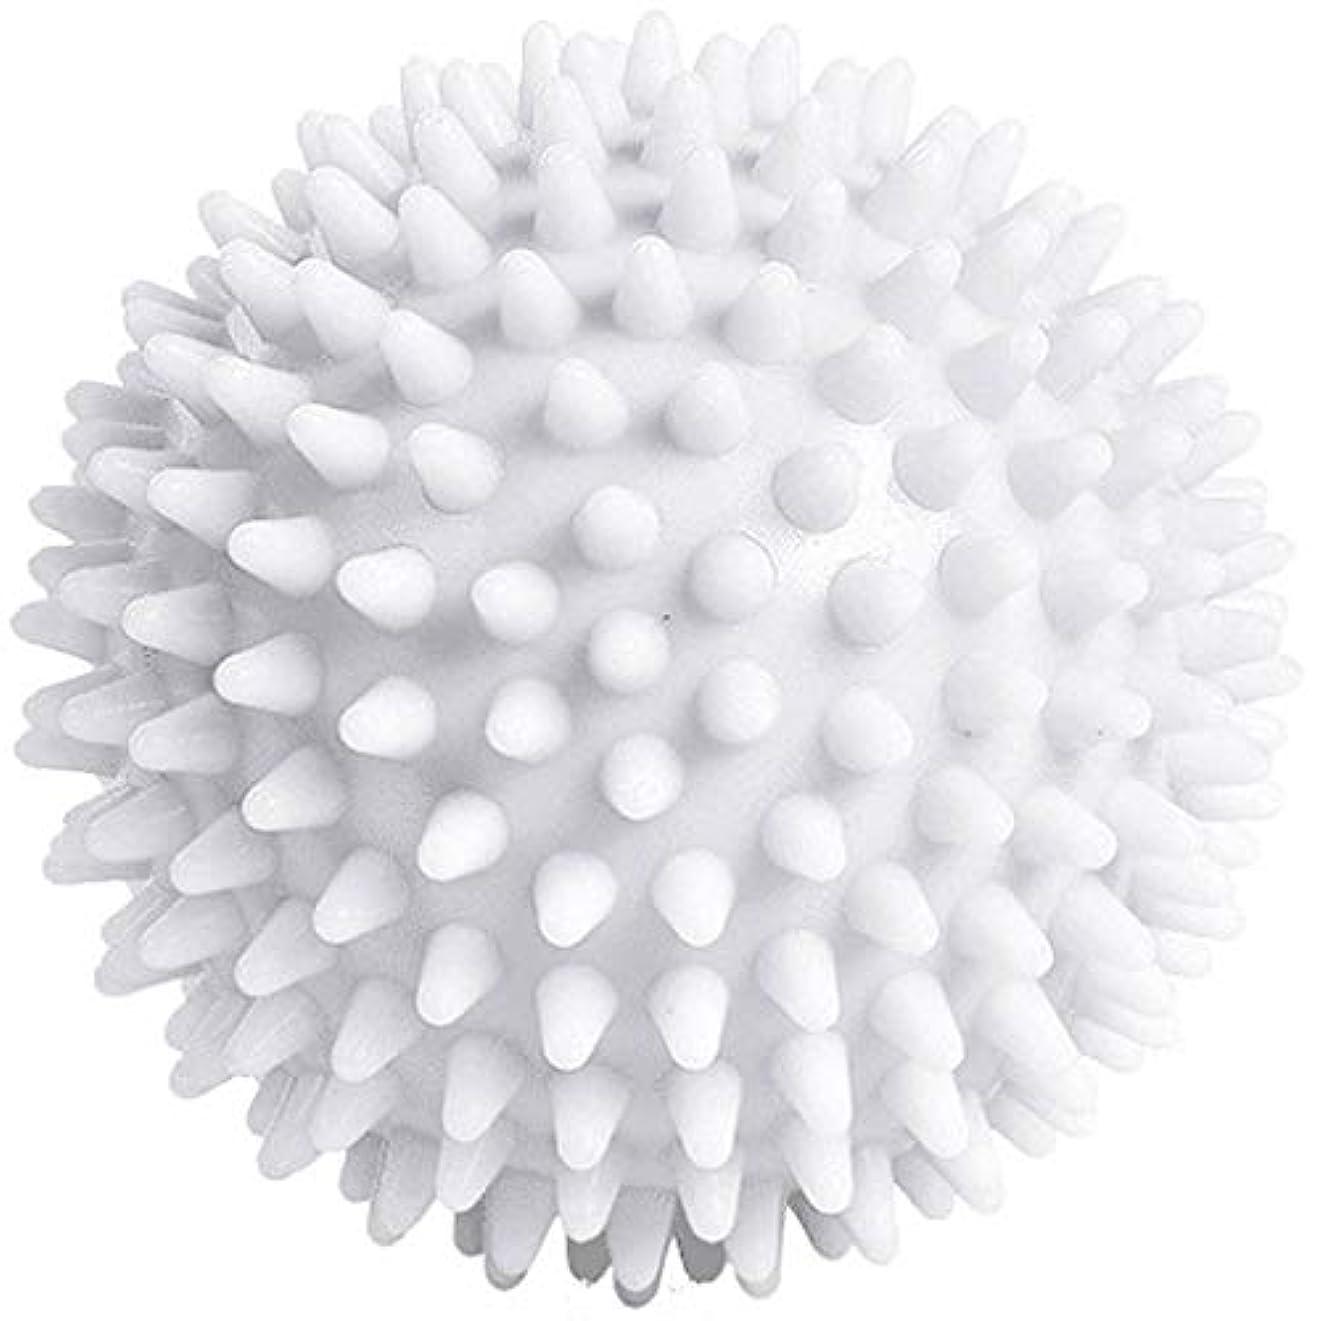 非武装化予防接種サイトSuika Suika リフレックスボール 触覚ボール 足裏手 背中のマッサージボール リハビリ マッサージ用 血液循環促進 筋肉緊張 圧迫で解きほぐす